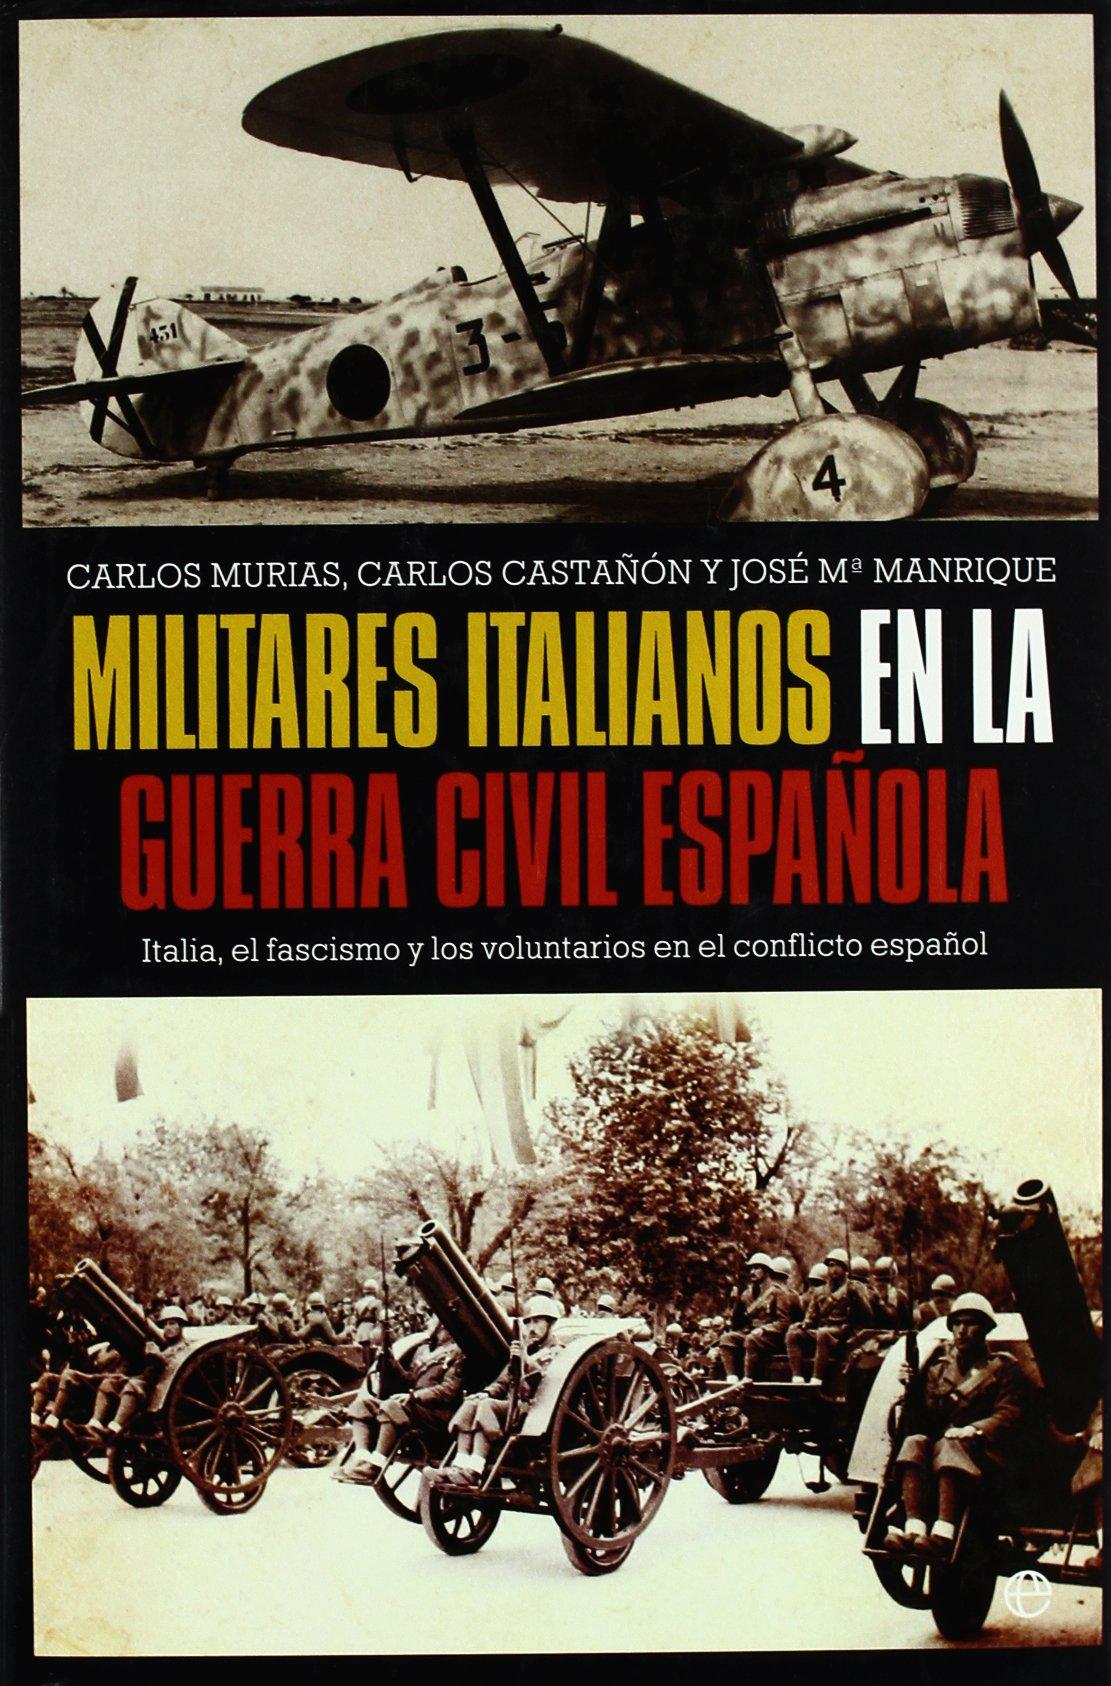 Militares italianos en la Guerra civil española Historia Del Siglo Xx: Amazon.es: Murias, Carlos, Castañon, Carlos, Manrique, Jose Maria: Libros